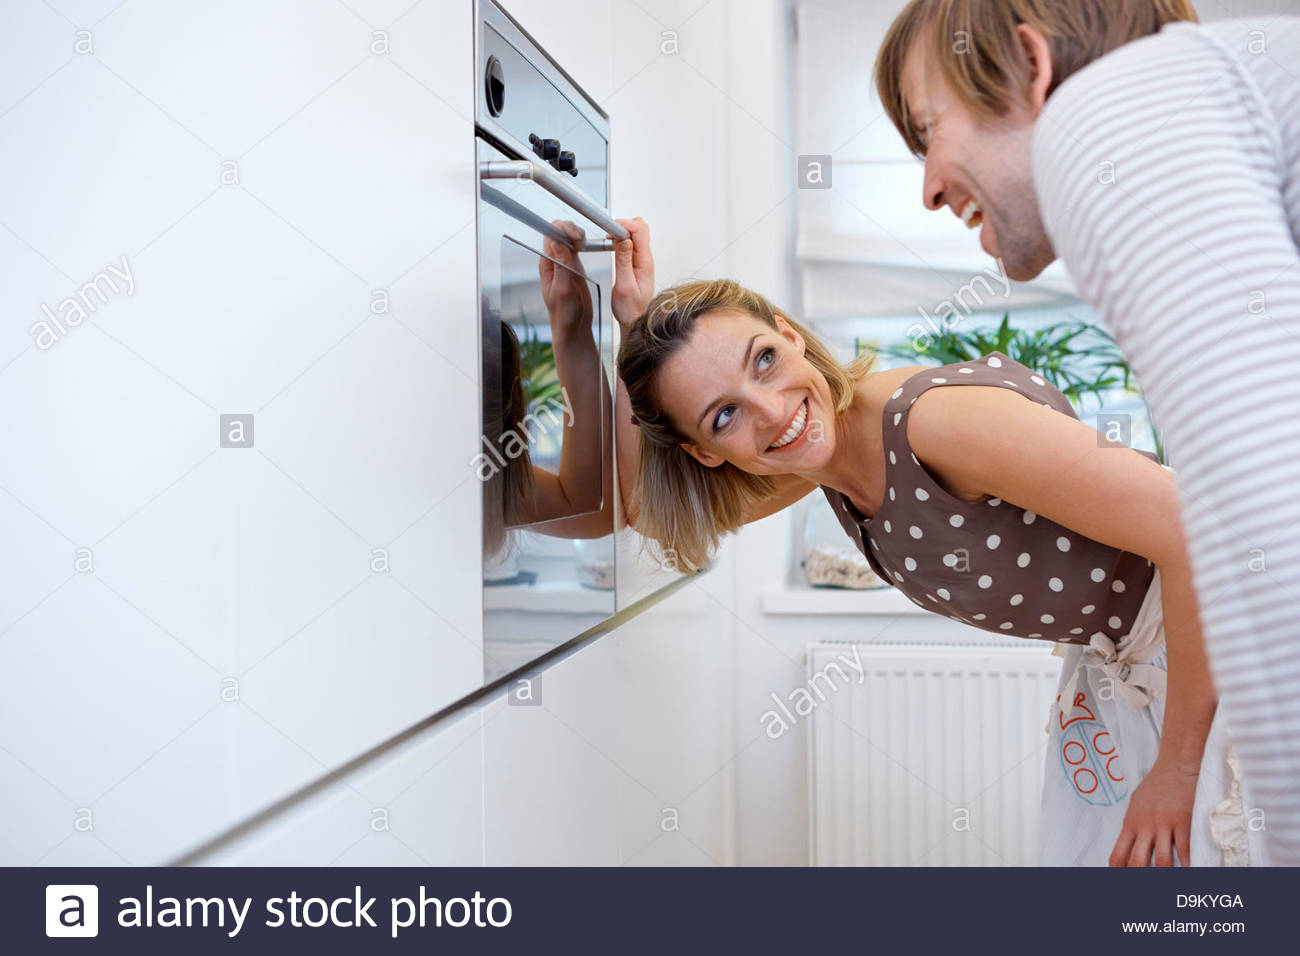 Par en la cocina, la mujer la apertura de microondas Imagen De Stock